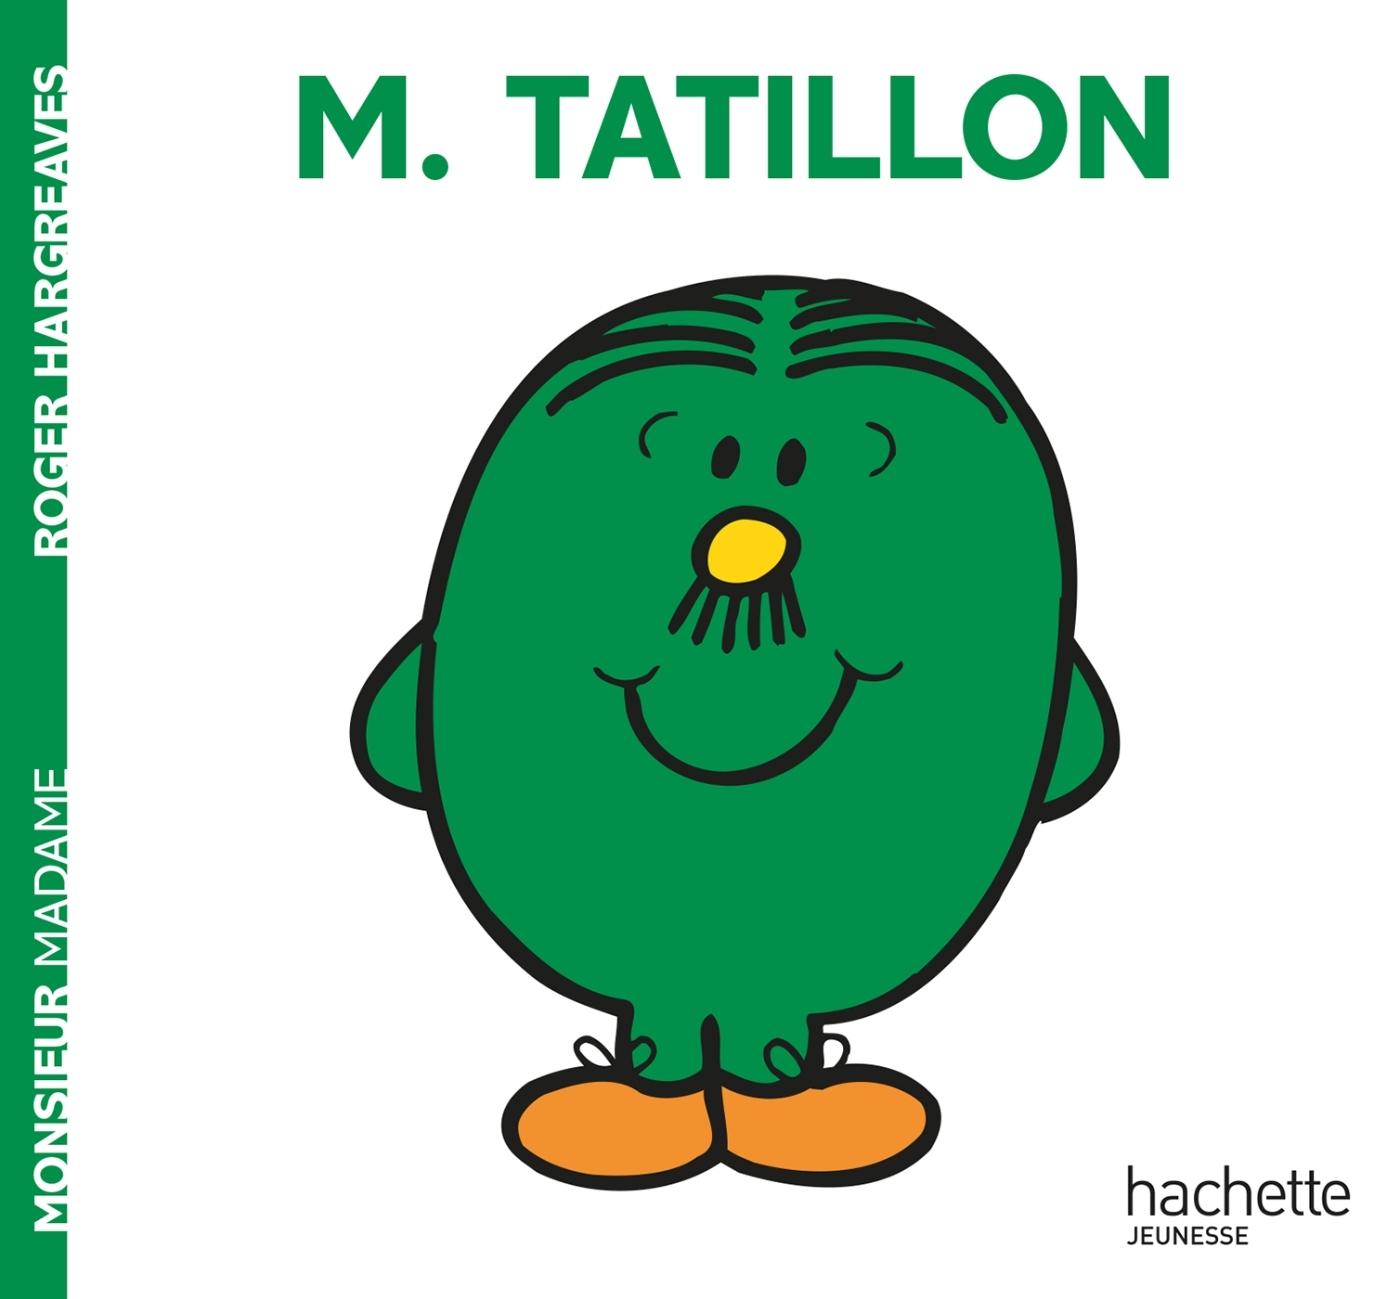 MONSIEUR TATILLON